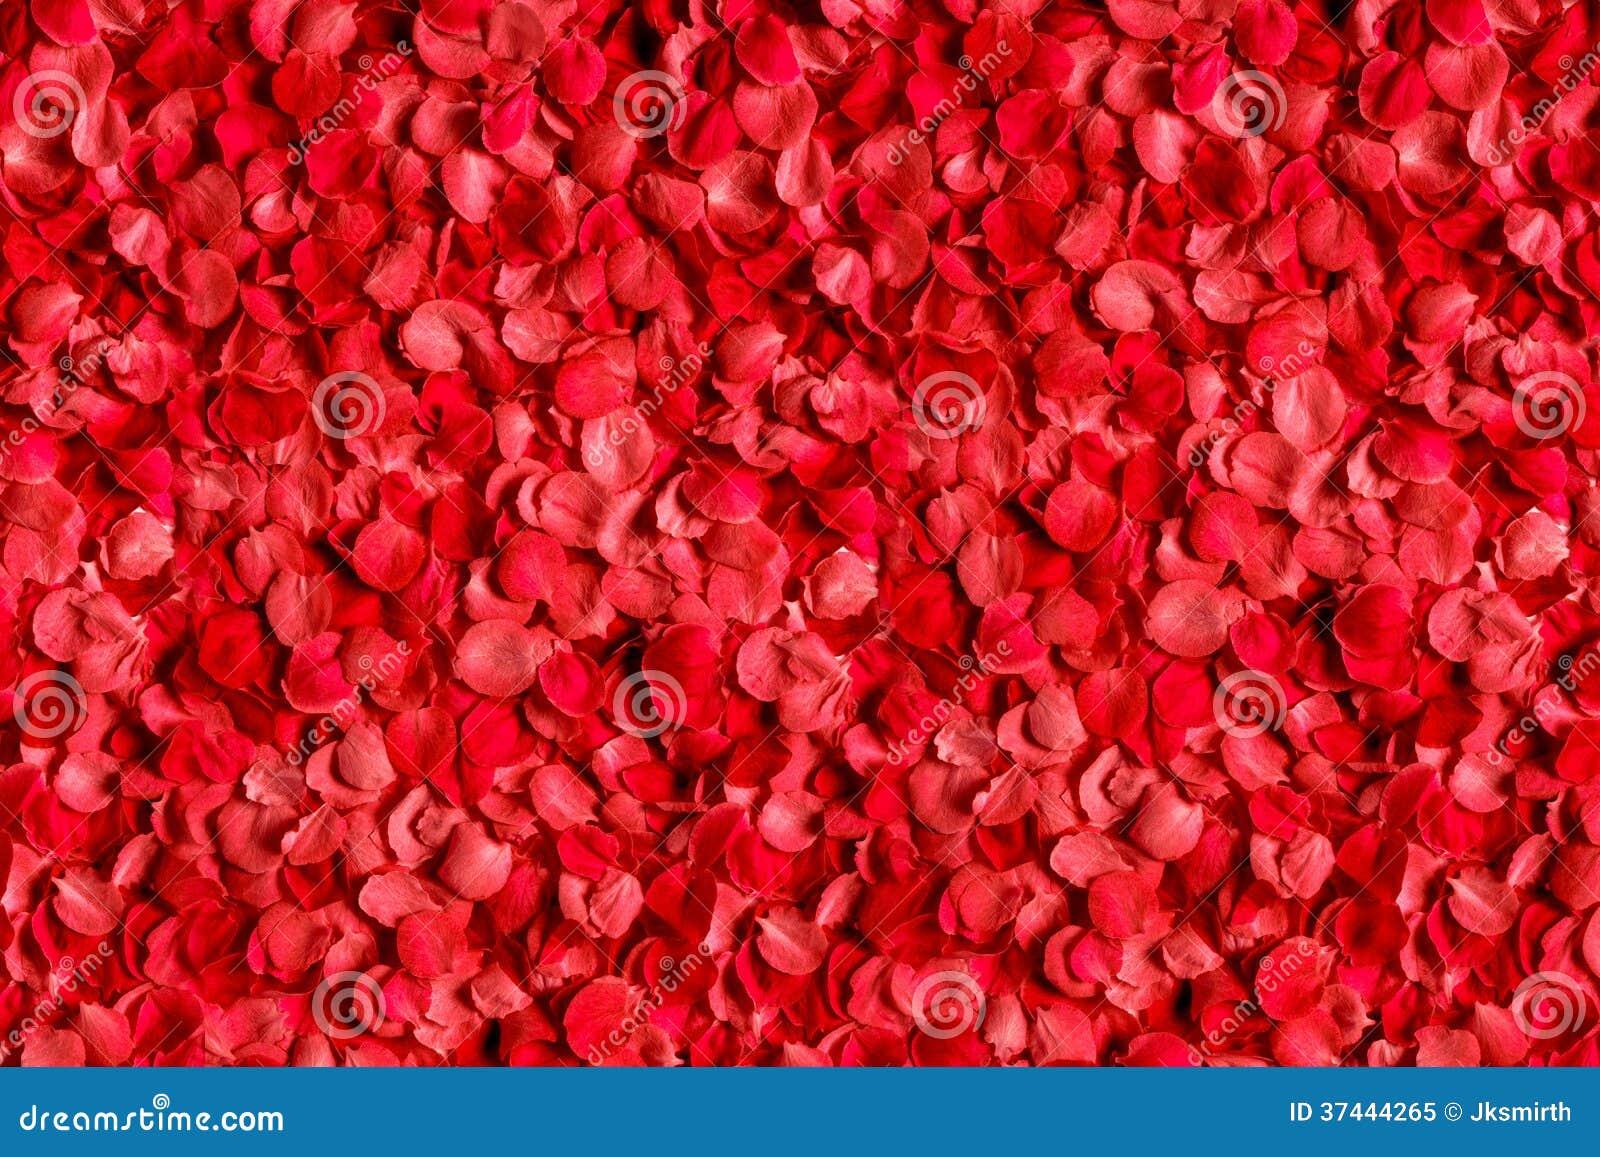 lit des p tales de roses rouges photo libre de droits image 37444265. Black Bedroom Furniture Sets. Home Design Ideas